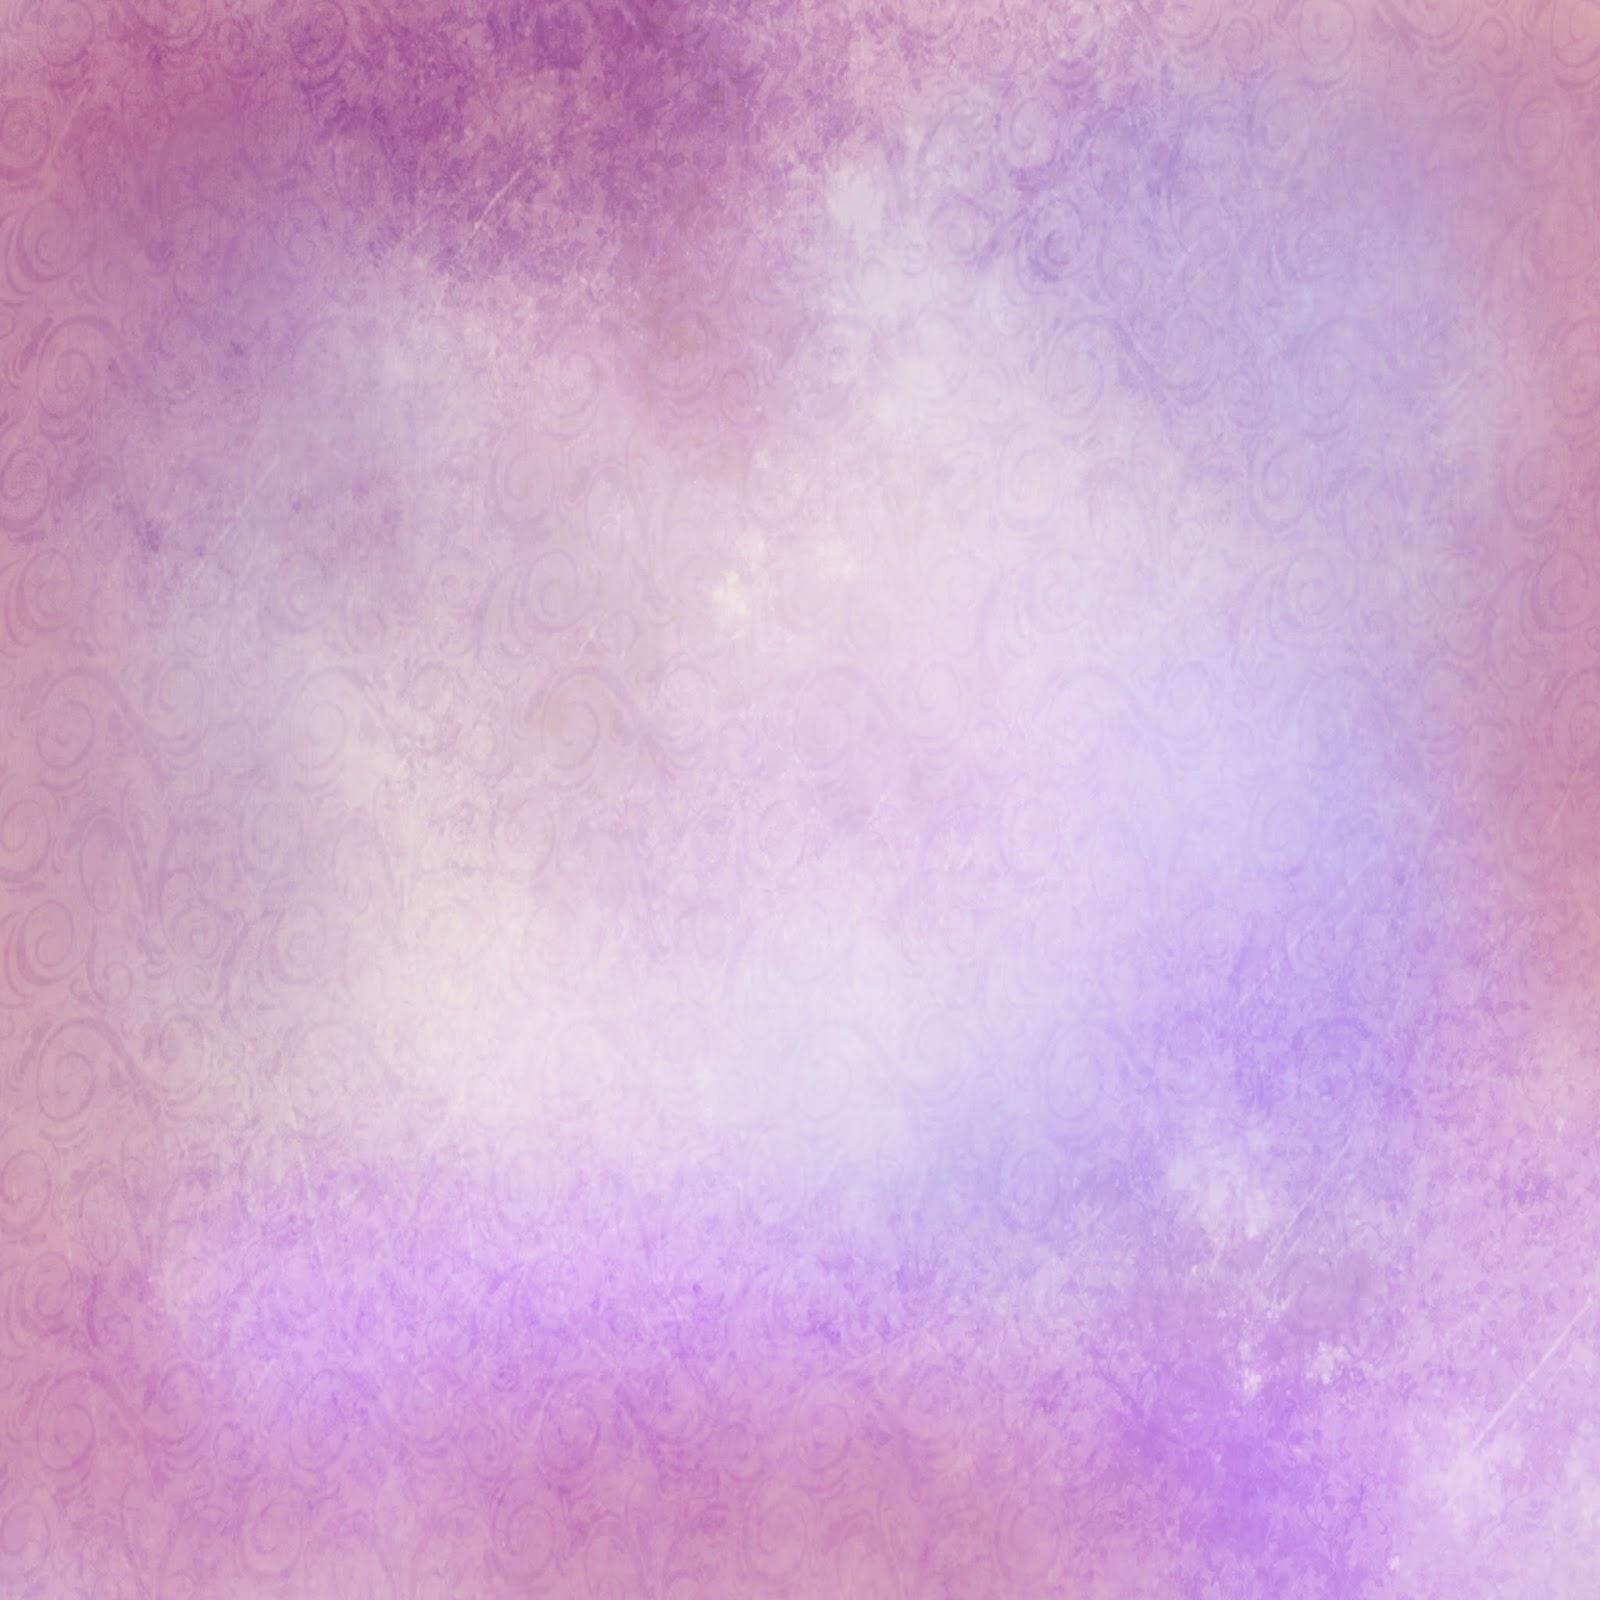 Fondo Color Lila Pastel Fondos Vintage Color Pastel En Hd Gratis - Color-lila-pastel